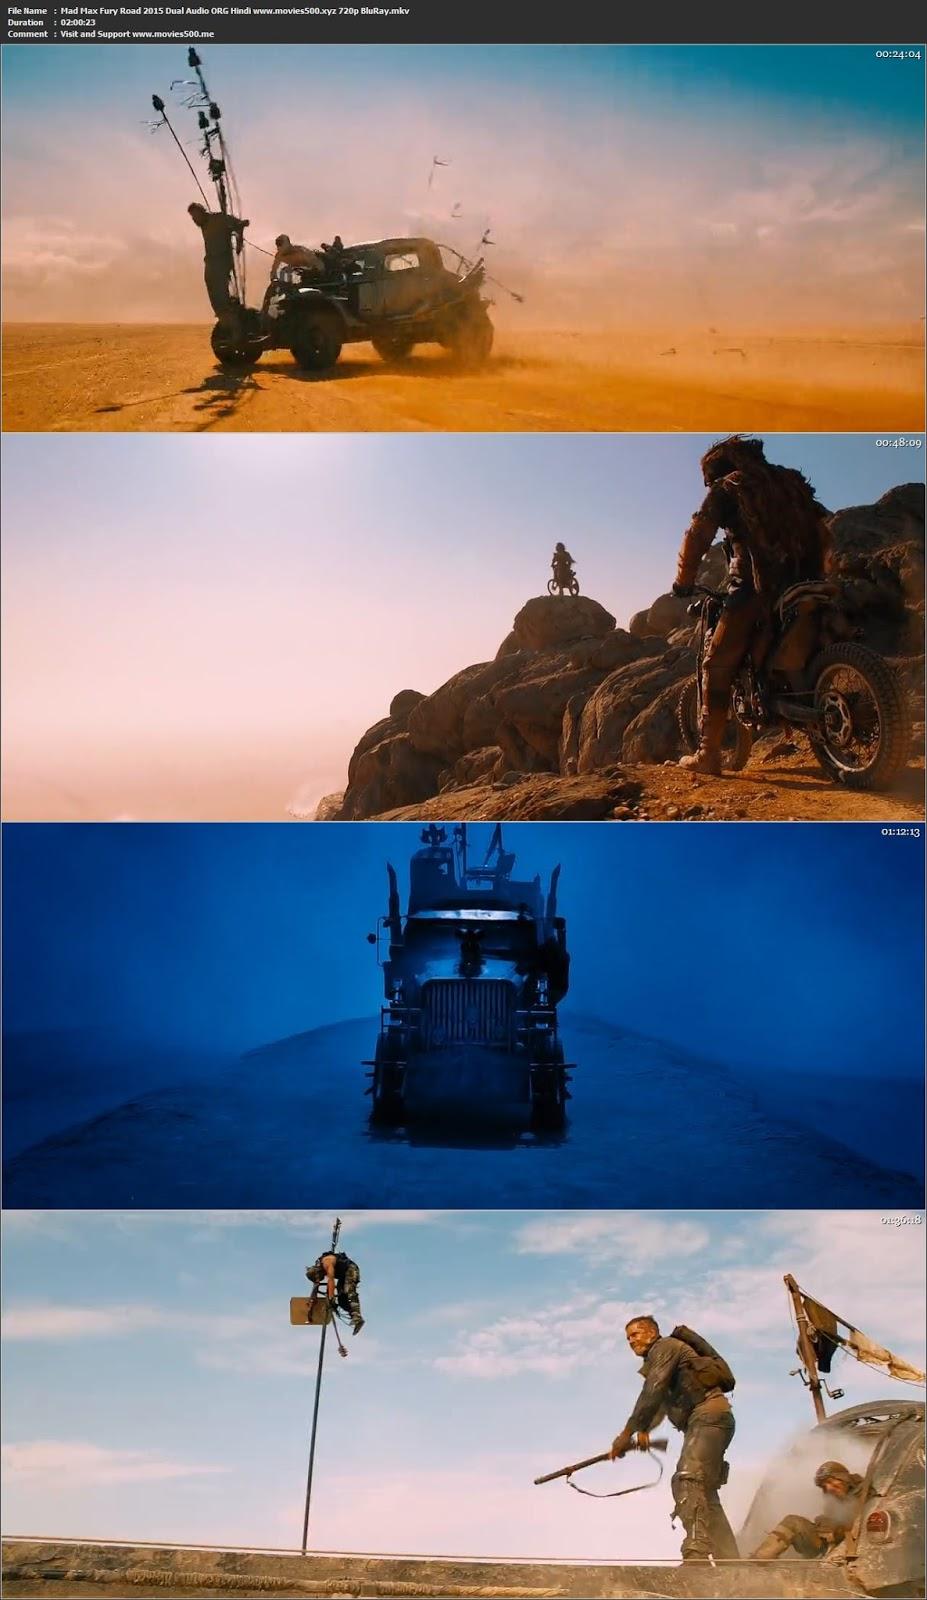 Mad Max Fury Road 2015 Dual Audio Hindi Movie BluRay 720p at movies500.bid